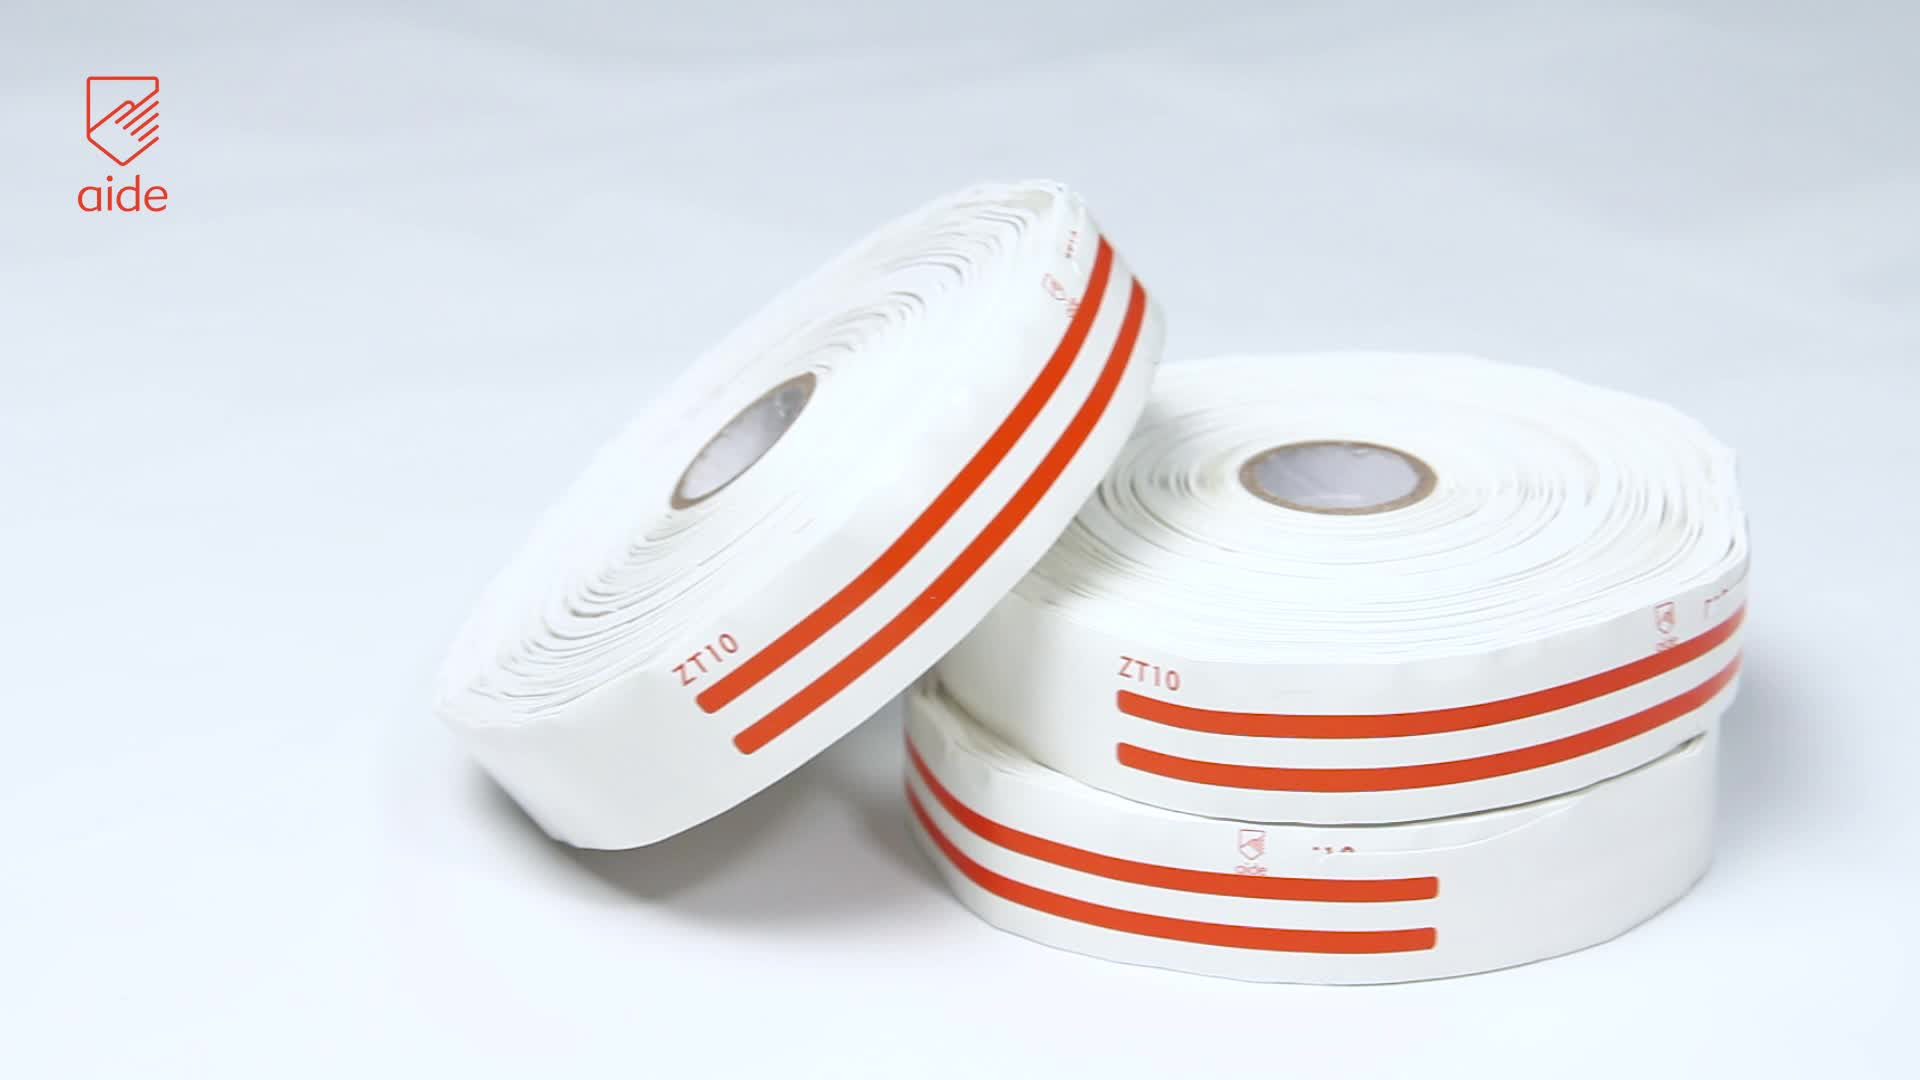 AIDE Auto-adesivas Personalizadas Pulseiras de IDENTIFICAÇÃO do Paciente Hospital Termal Rolo